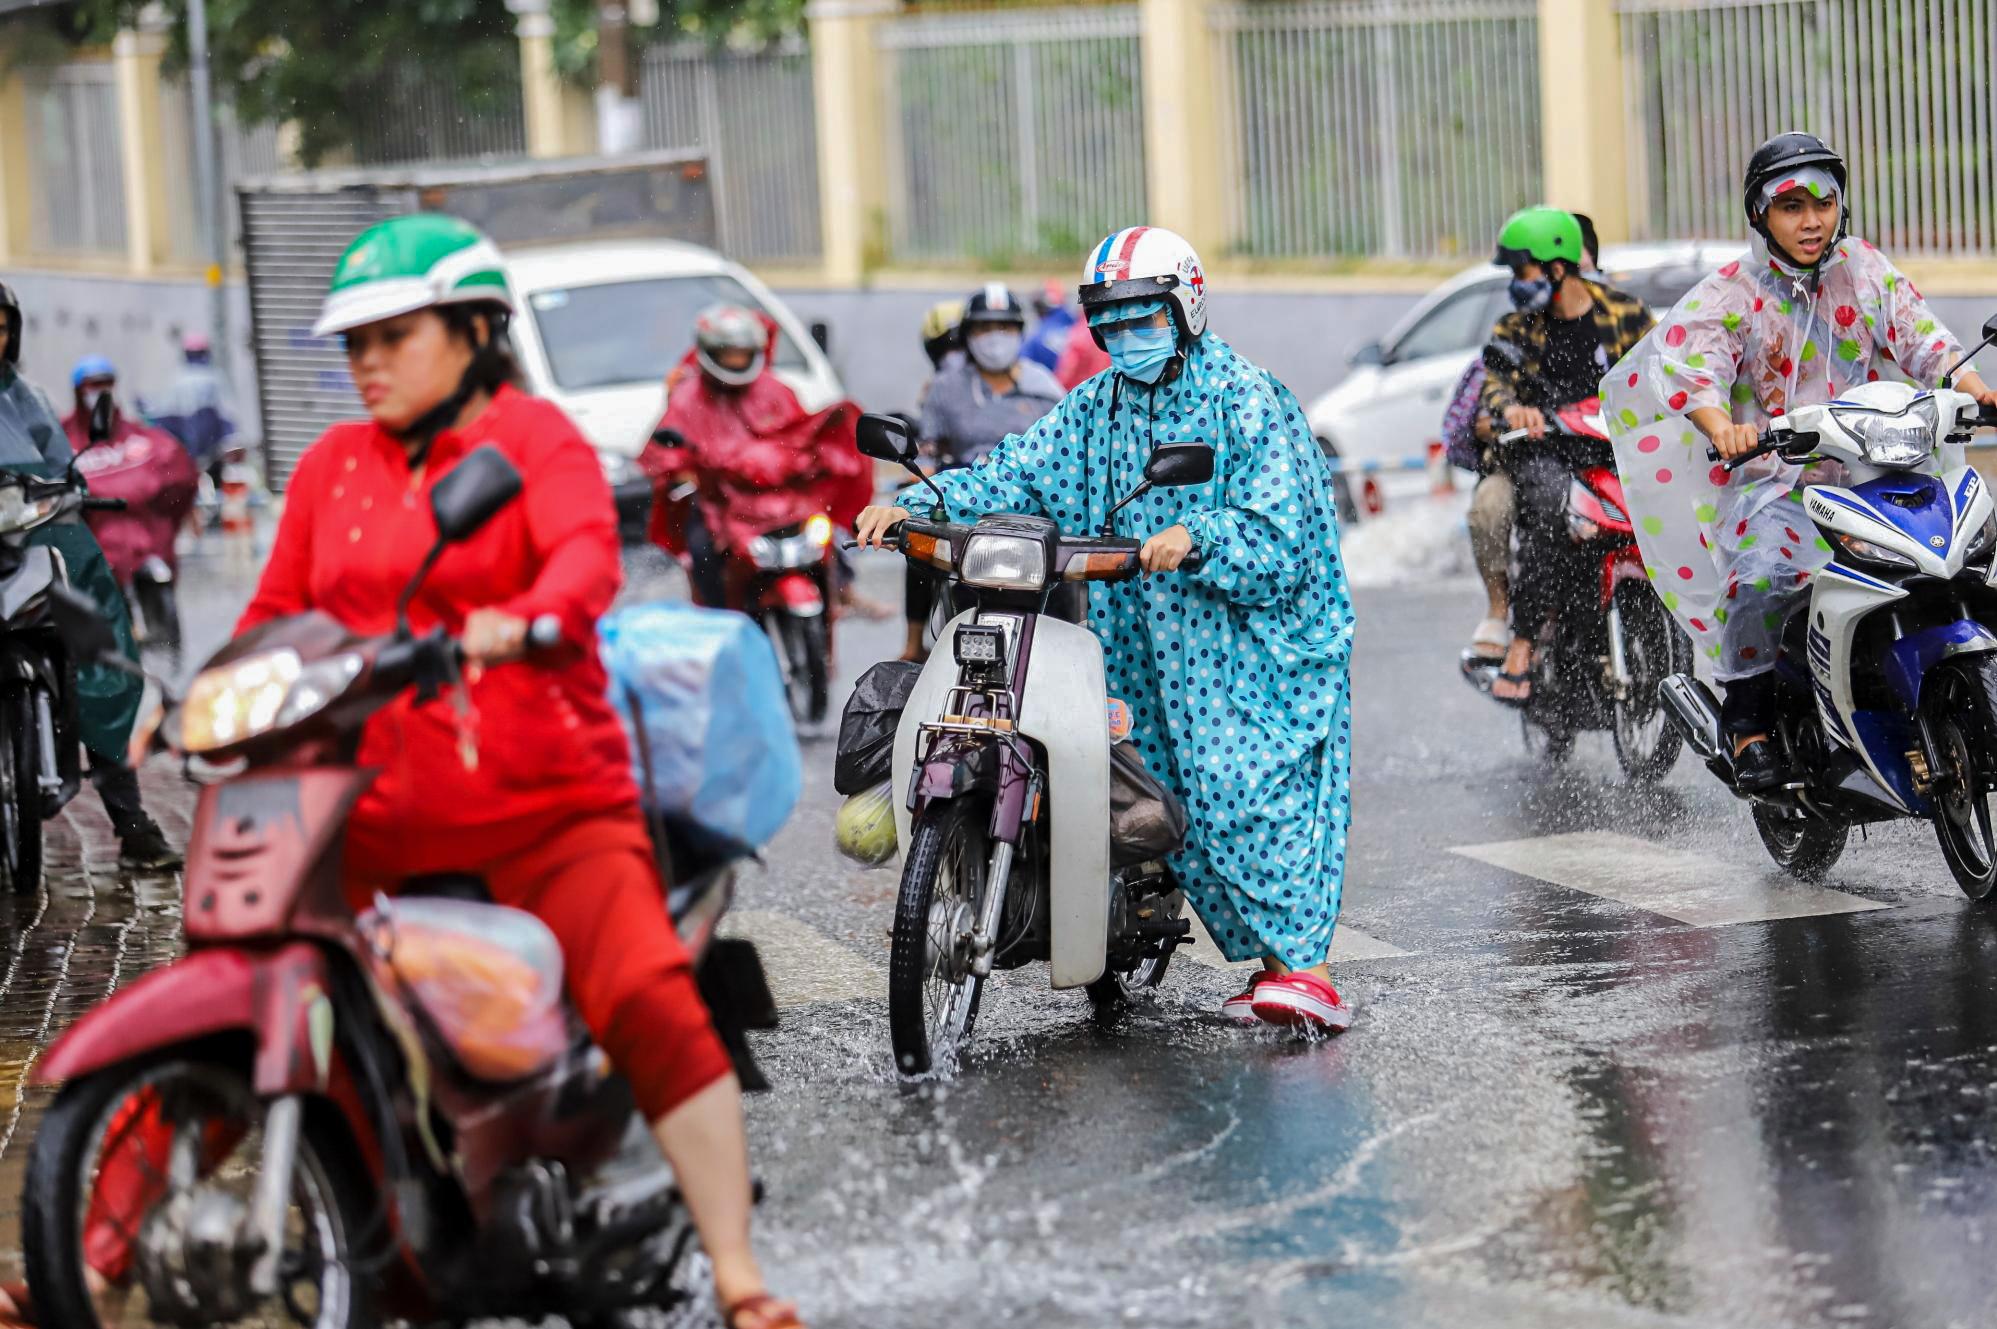 [ẢNH] Nước chảy xiết kéo nhiều xe máy đổ nhào giữa phố Sài Gòn, người dân dắt bộ cho an toàn - Ảnh 7.